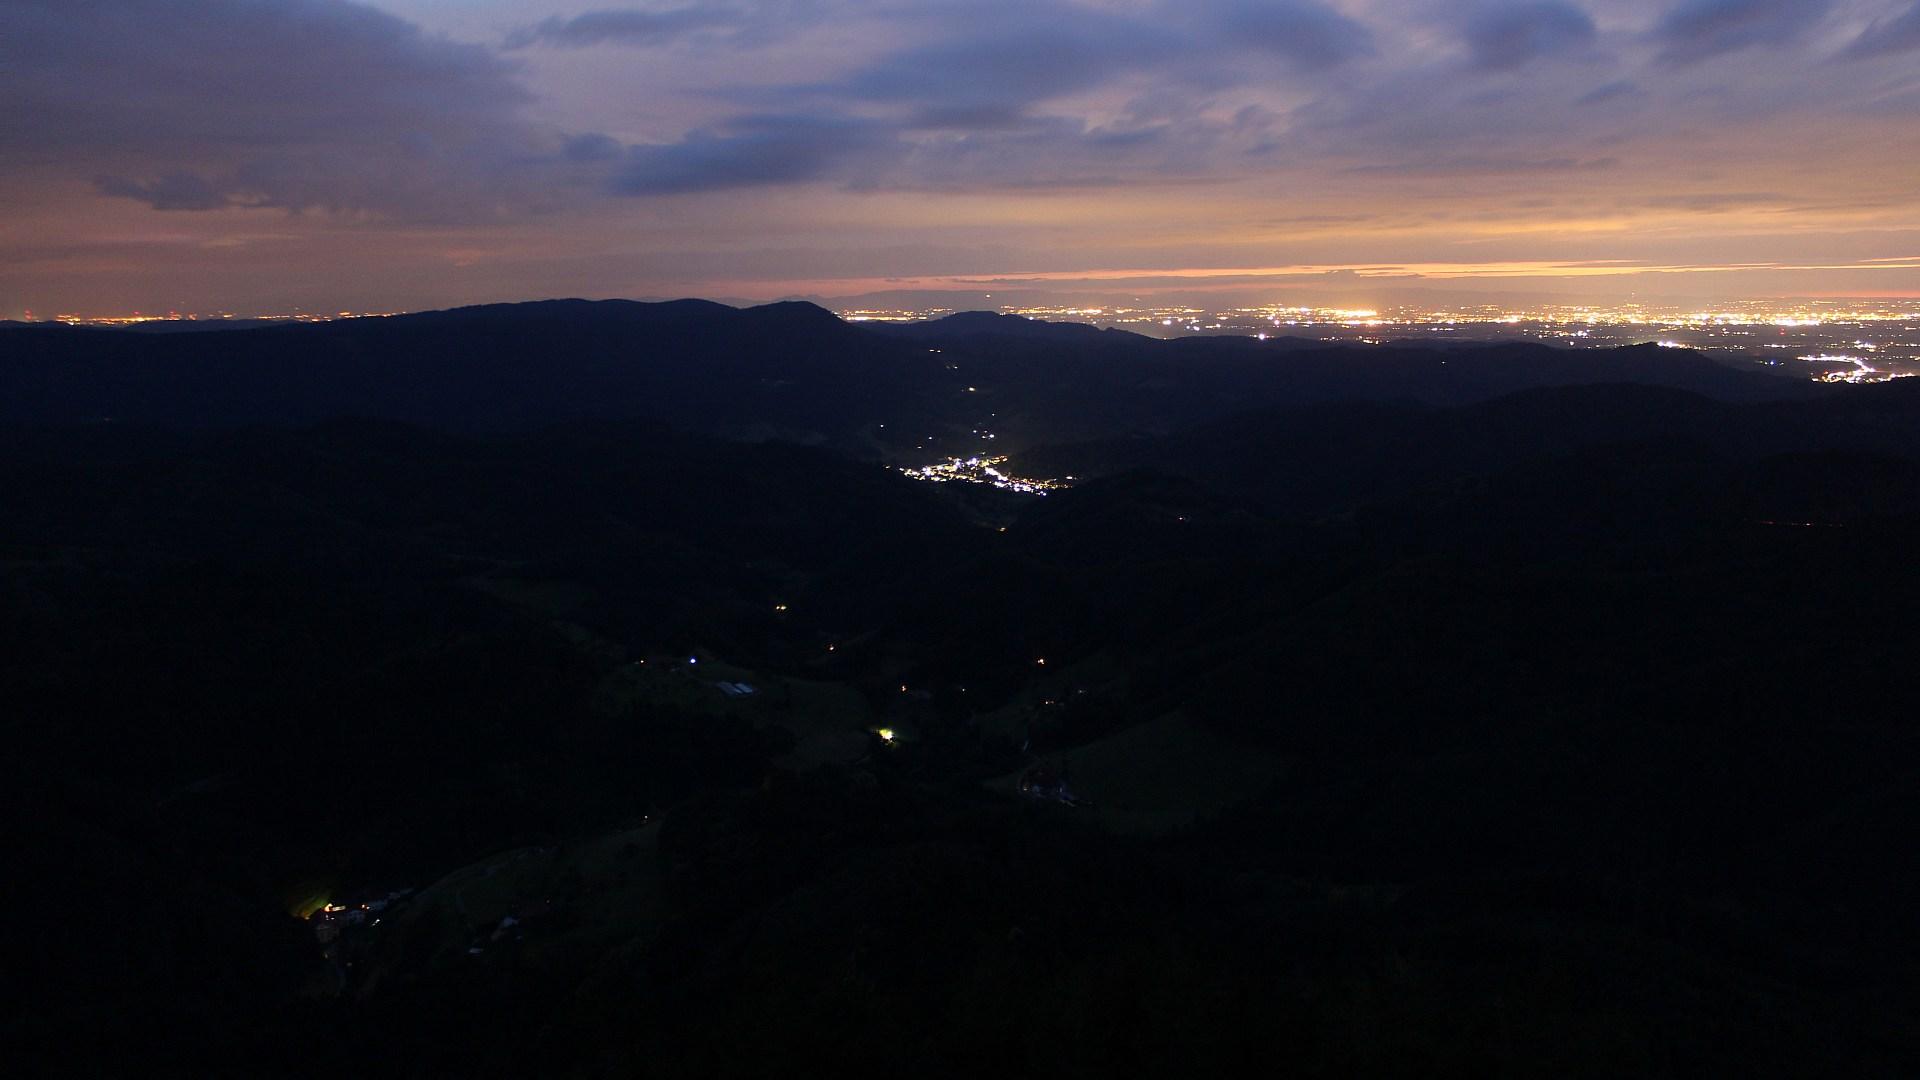 Aufnahme: Buchkopfturm vom 02.07.2020 22:50